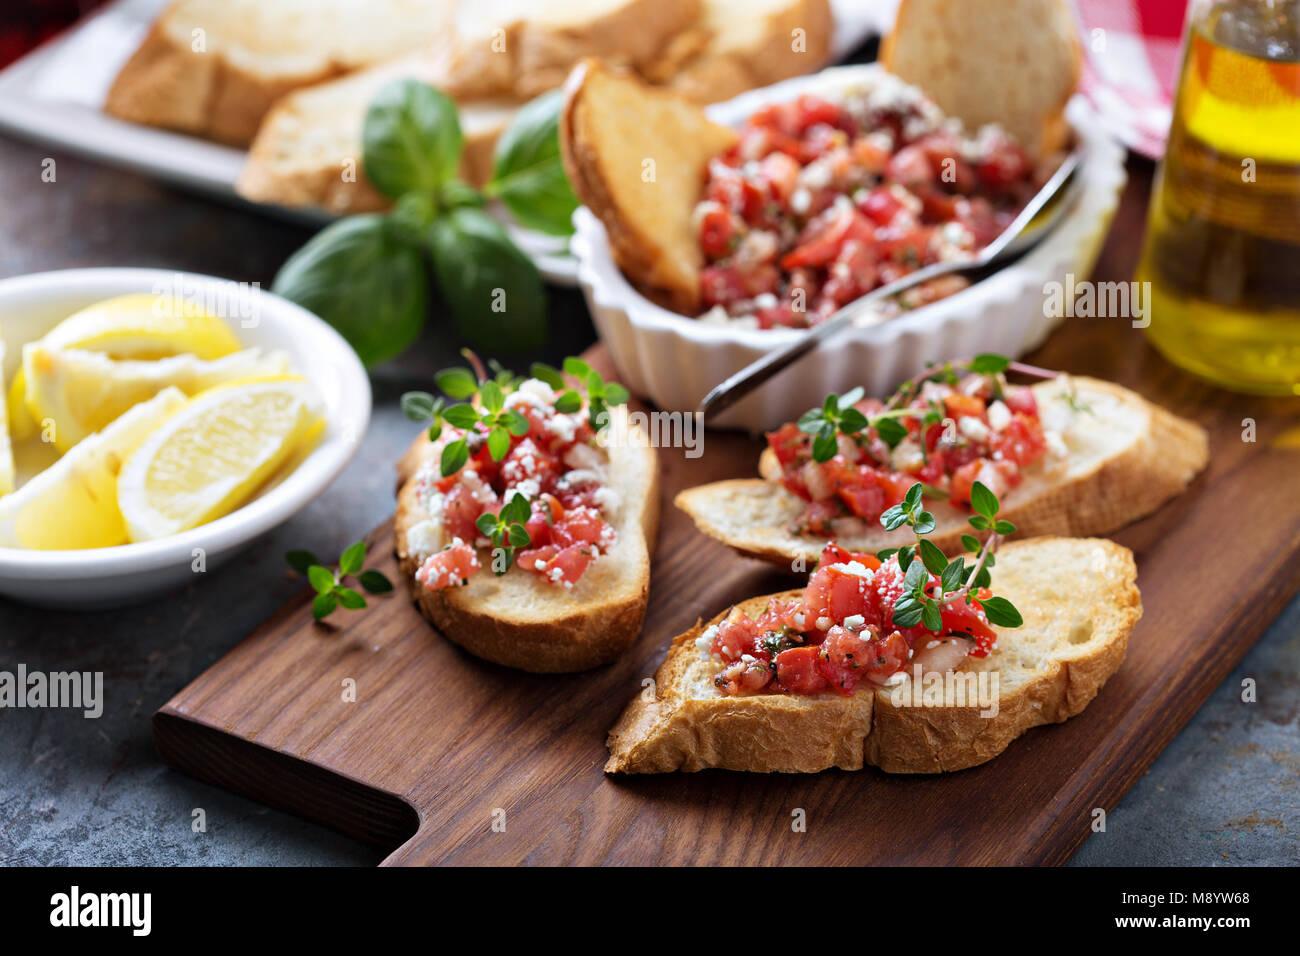 Tomates asados bruschetta con tomillo Imagen De Stock